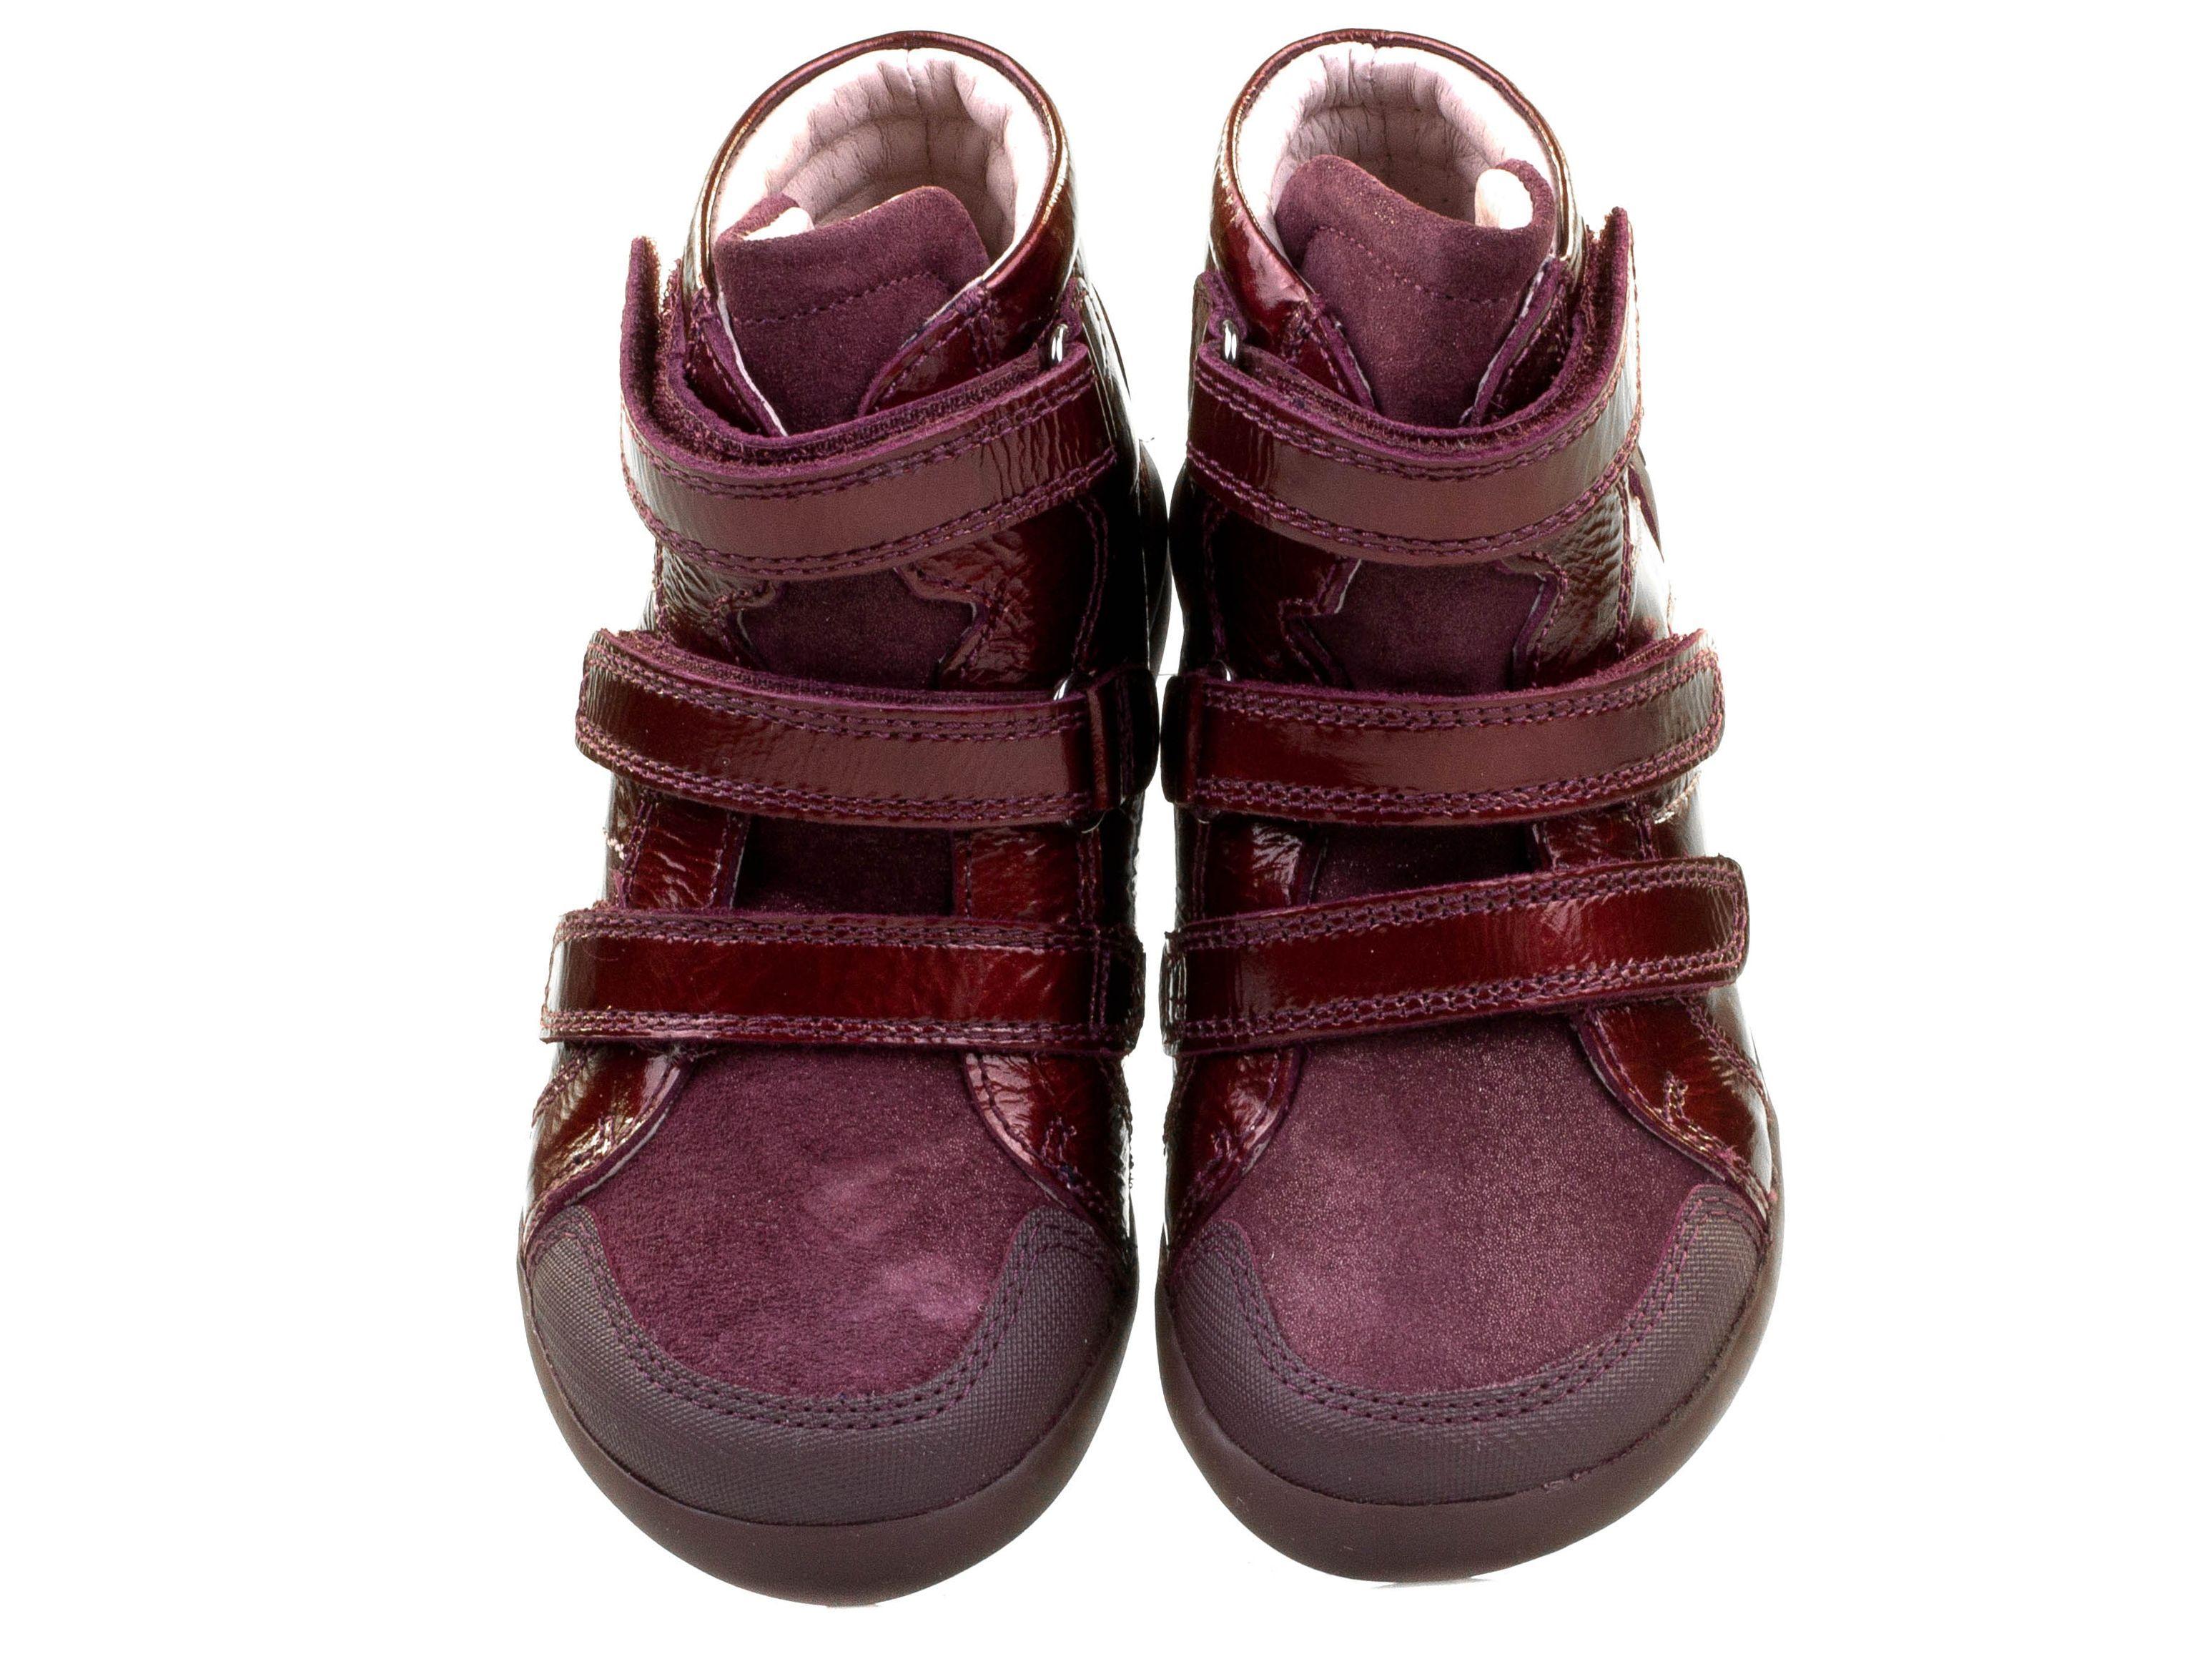 Ботинки для детей Biomecanics YX97 продажа, 2017